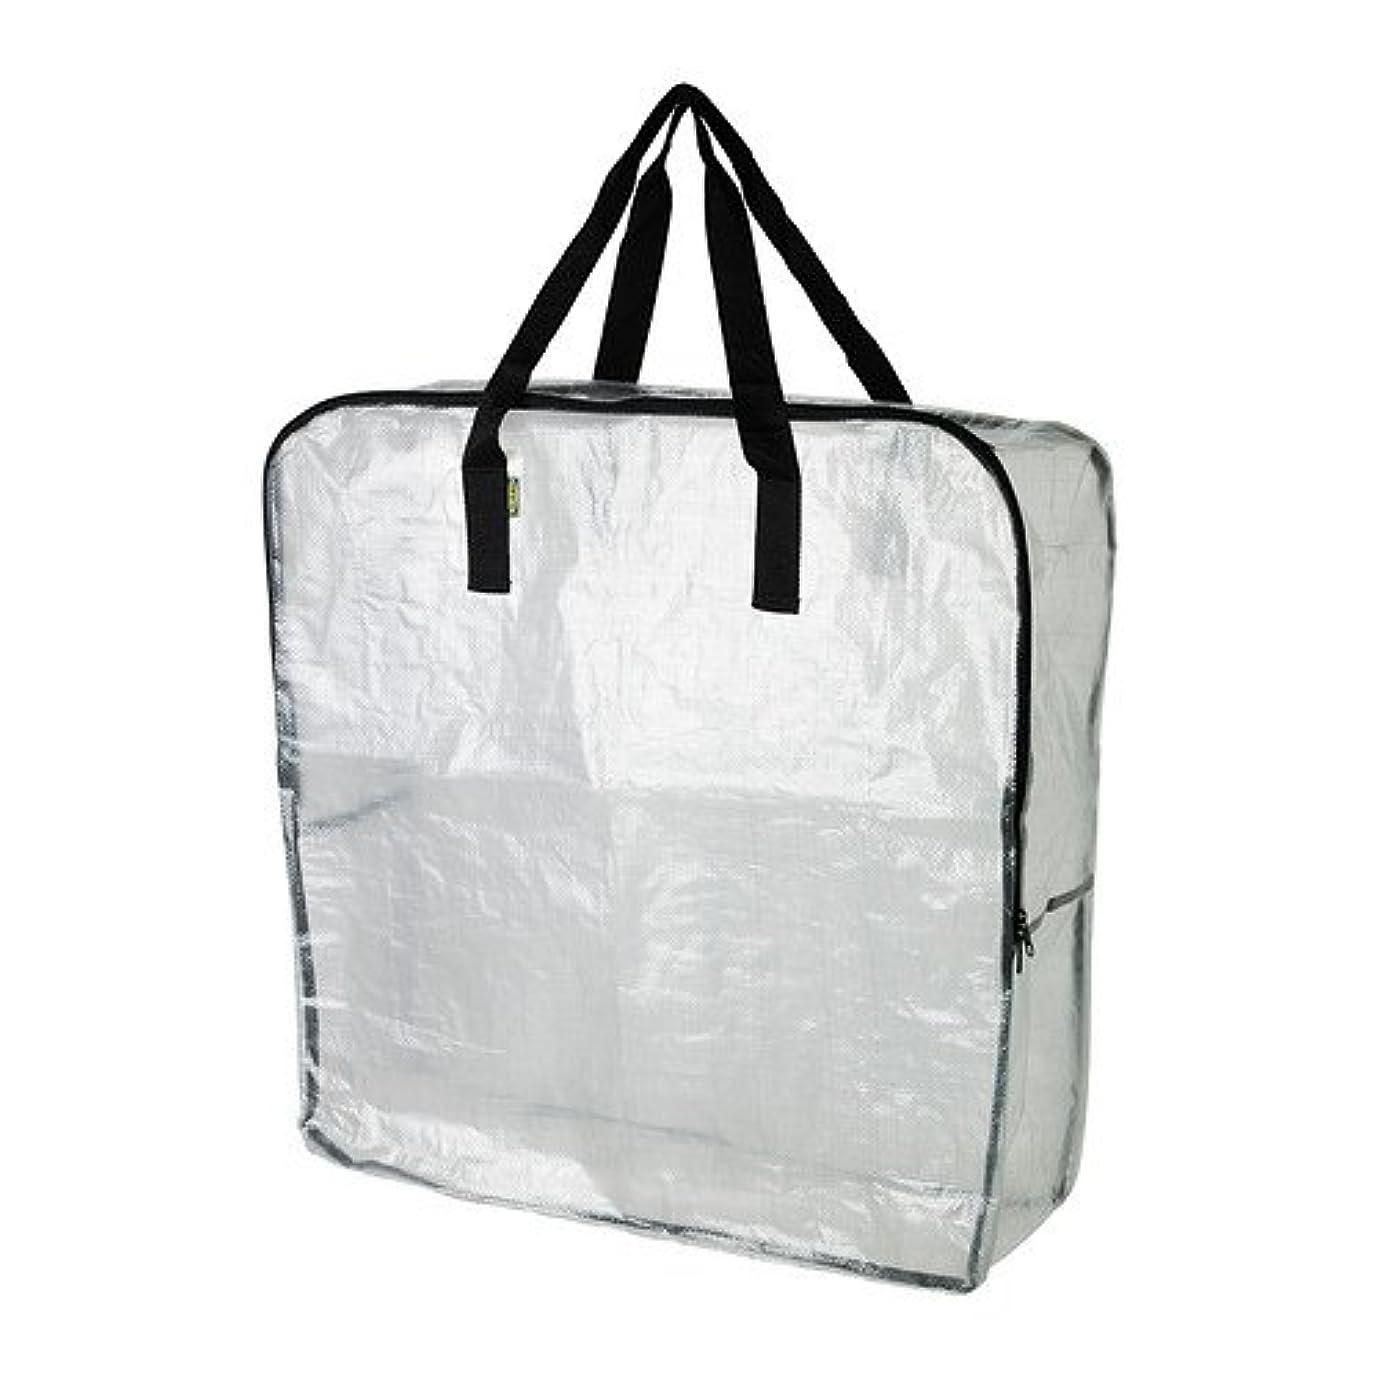 人間ジャズ重要な役割を果たす、中心的な手段となるIKEA(イケア) DIMPA 90187753 収納バッグ, 透明